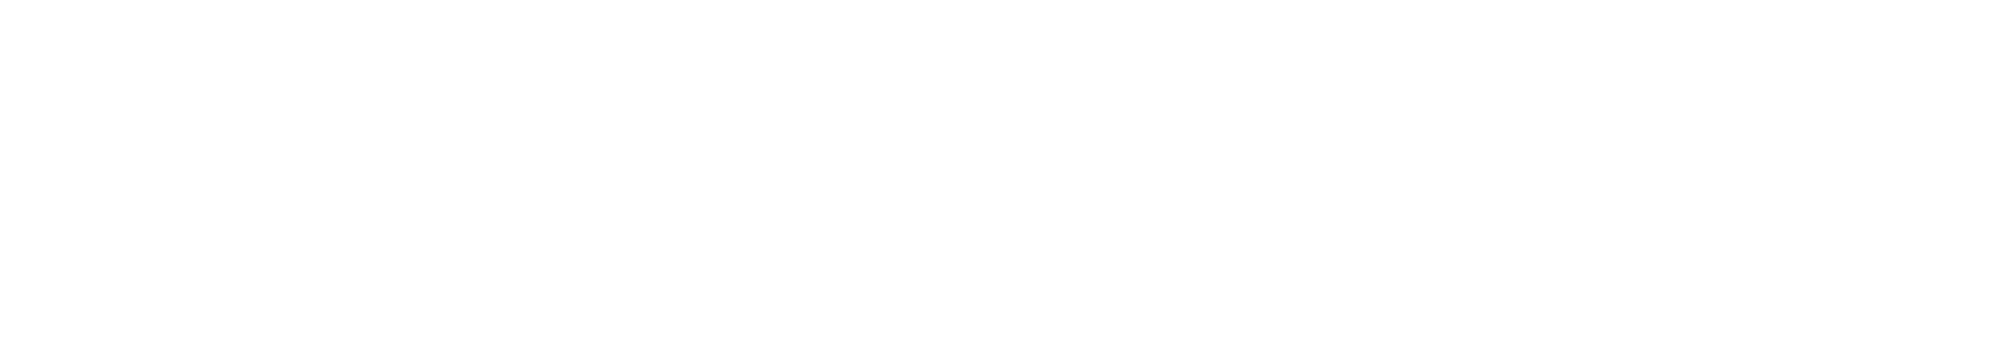 slope